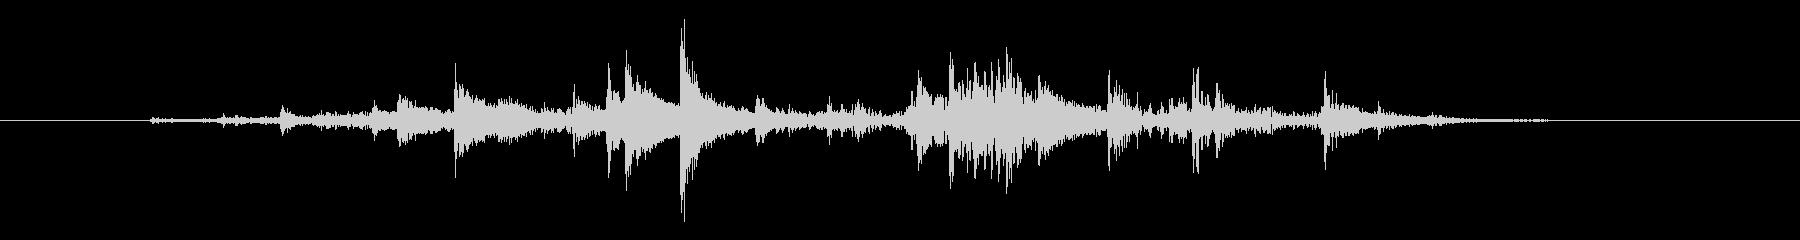 カラコロン(グラスの氷の音)S1の未再生の波形